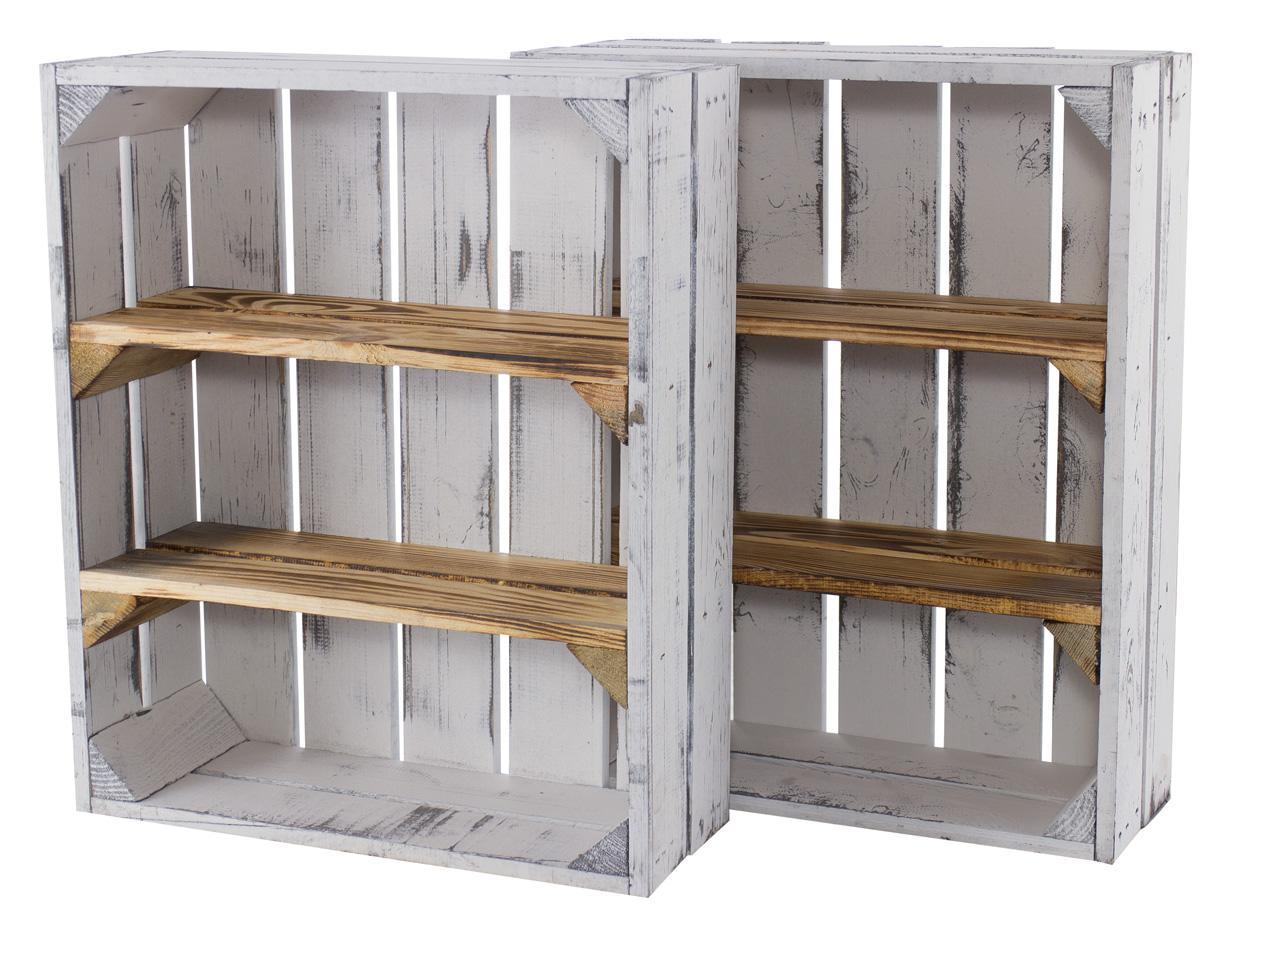 Full Size of Kisten Regal Holzkisten Mit 3 Fchern 50x40x16cm Rot Weiß Hochglanz Schreibtisch Usm Haller Industrie Schubladen Weißes Hängeregal Küche Werkstatt Auf Maß Regal Kisten Regal